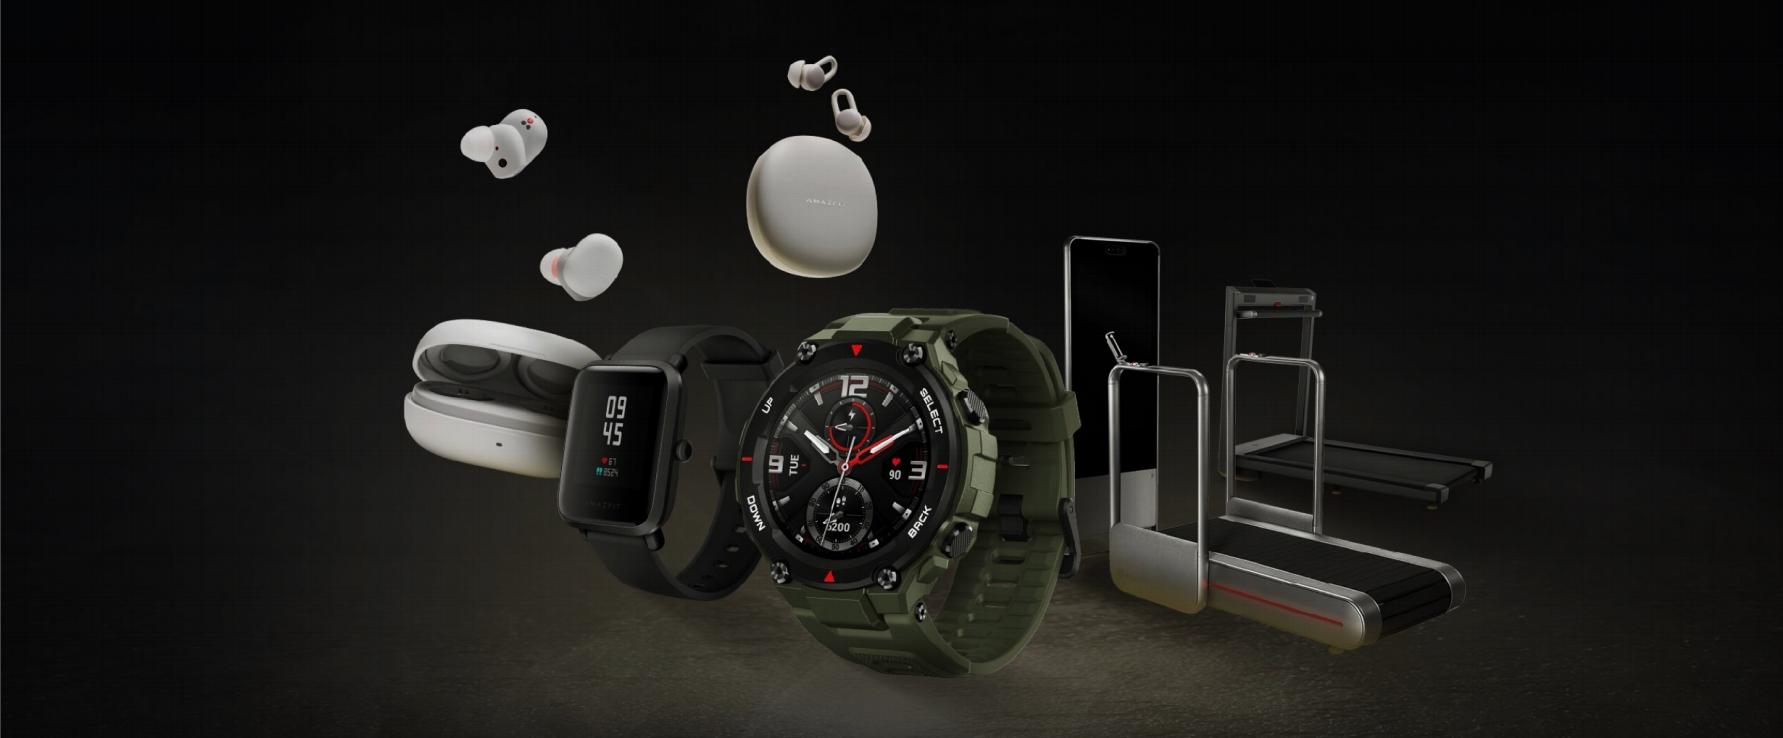 华米科技 Amazfit 发布真无线运动心率耳机、户外智能手表等六款产品